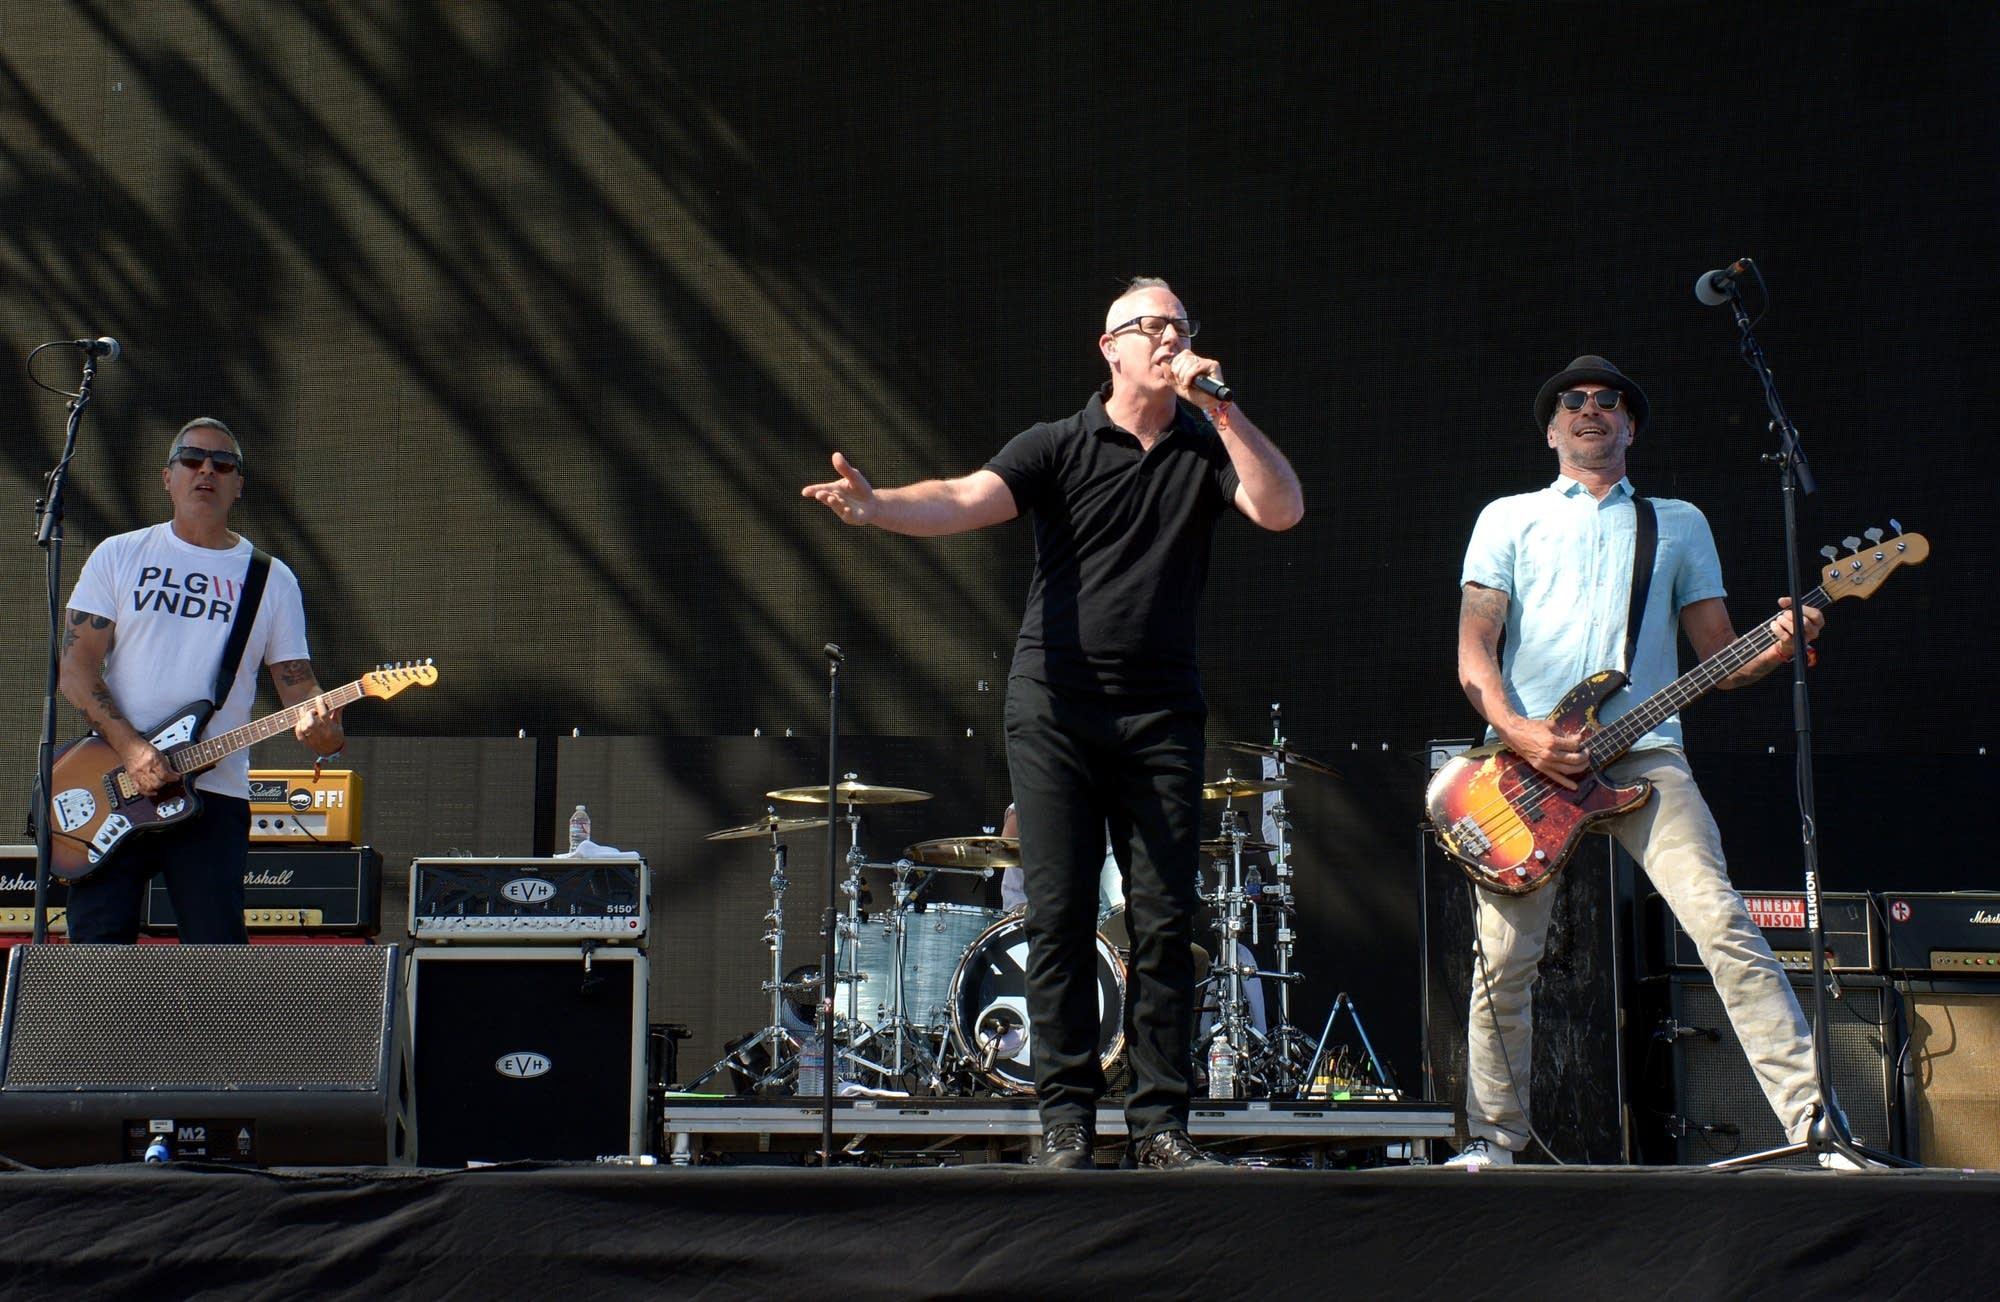 Bad Religion and singer Greg Gaffin